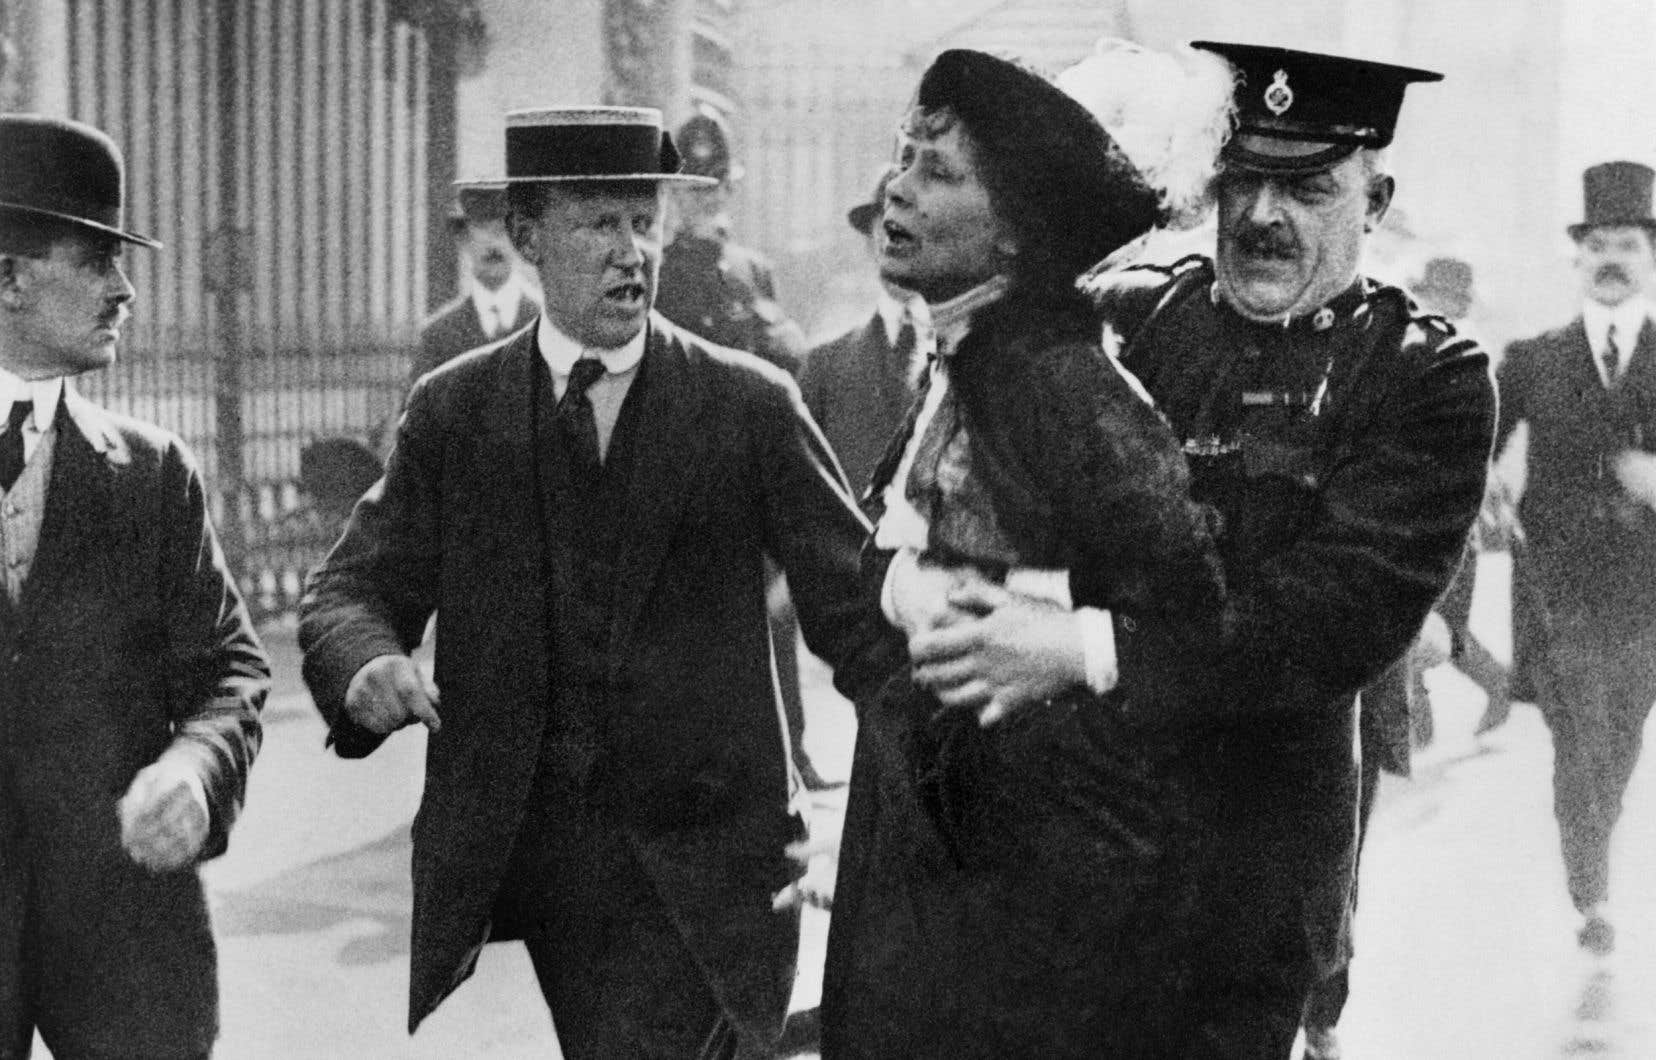 La militante Emmeline Pankhurst est arrêtée devant le palais de Buckingham, à Londres, alors qu'elle tente de remettre une pétition au roi George V, en mai 1914.